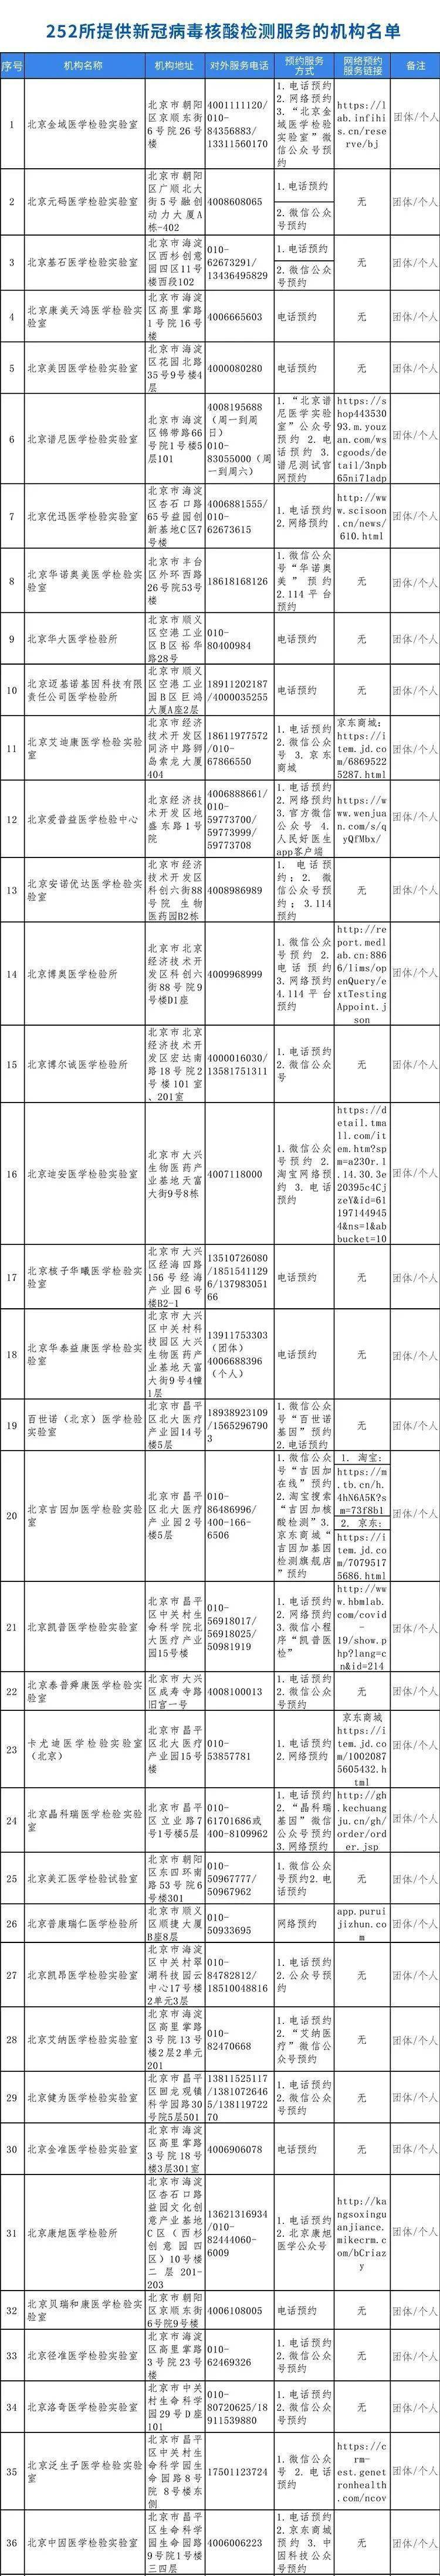 252家北京具备核酸检测能力的机构名单